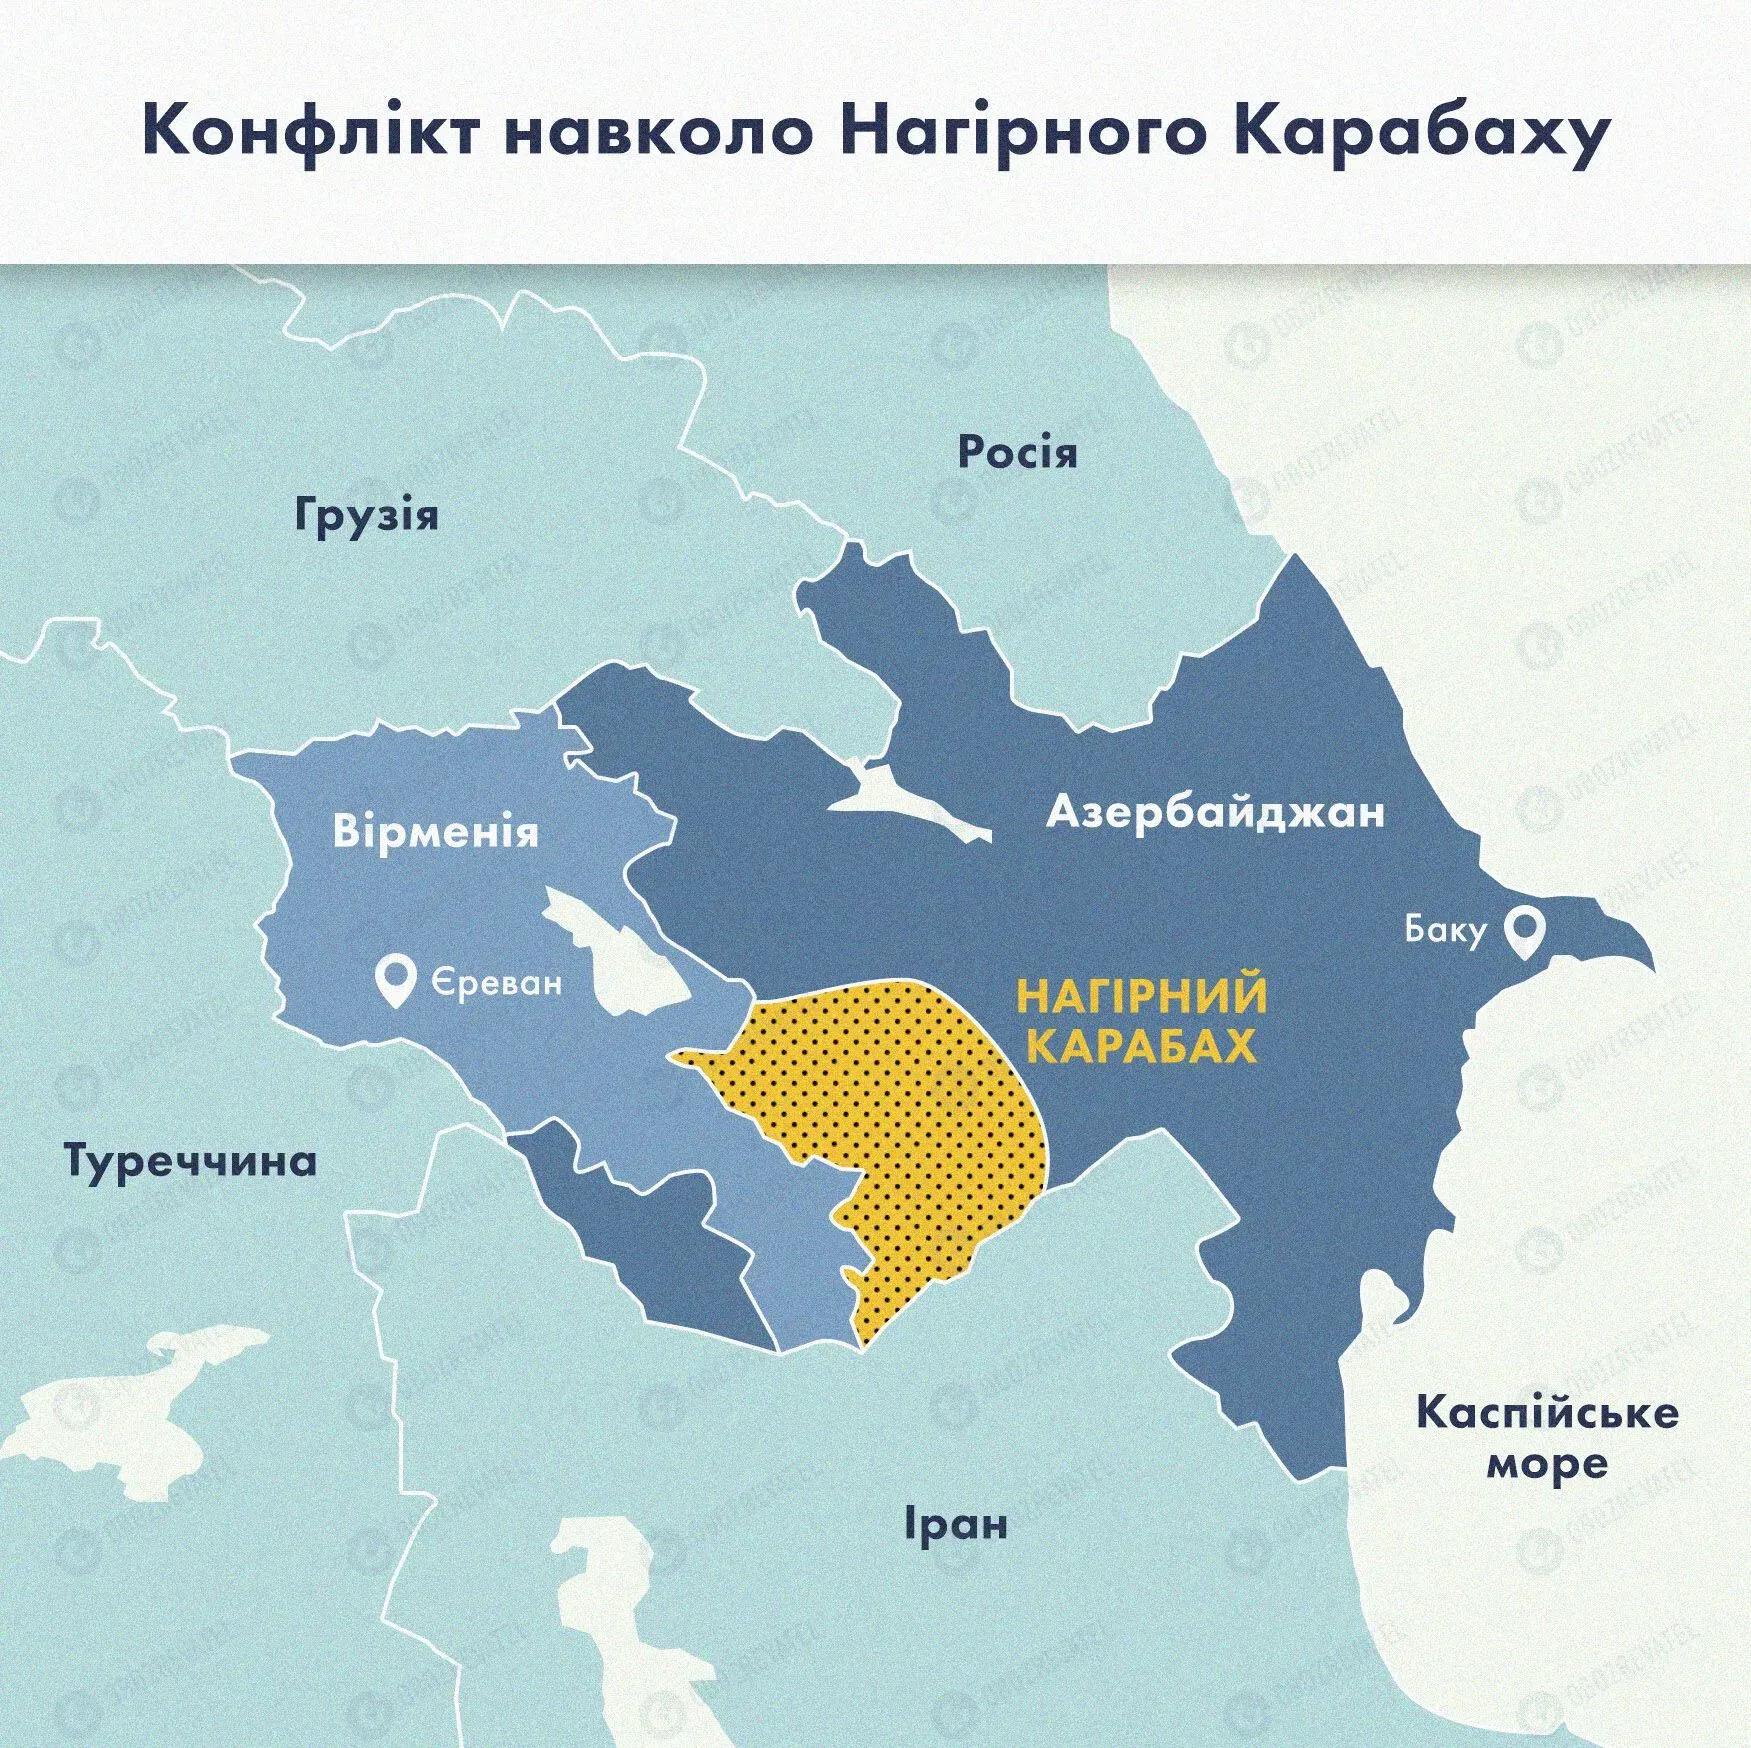 Карта конфлікту в Нагірному Карабасі